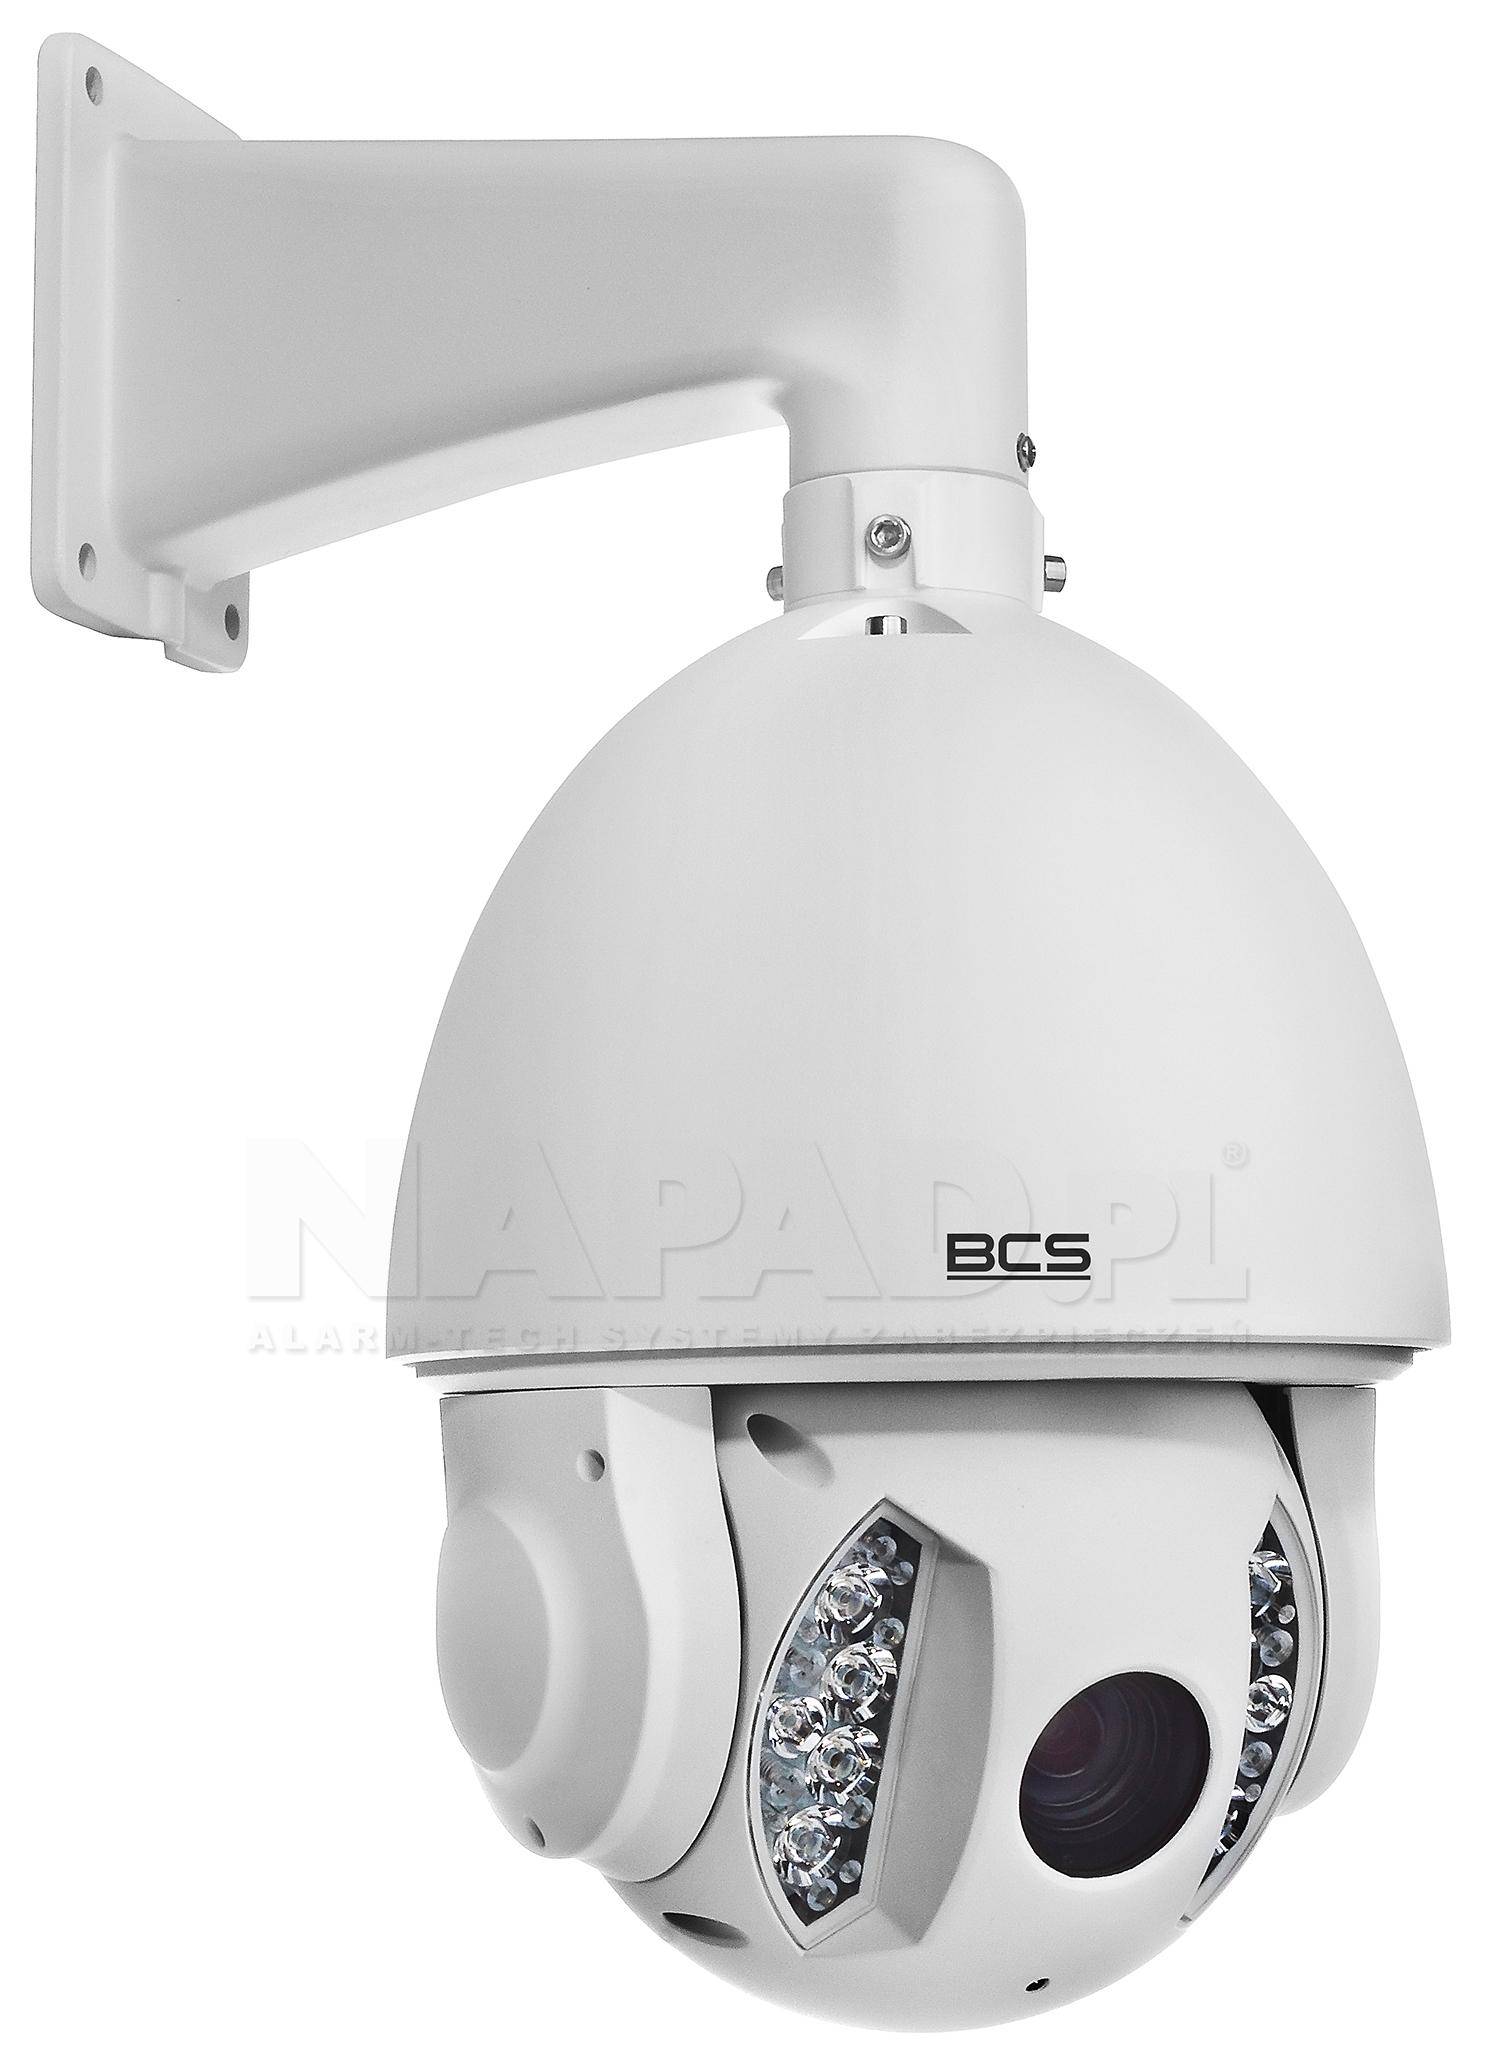 Kamera HD-CVI 2Mpx BCS-SDHC8230